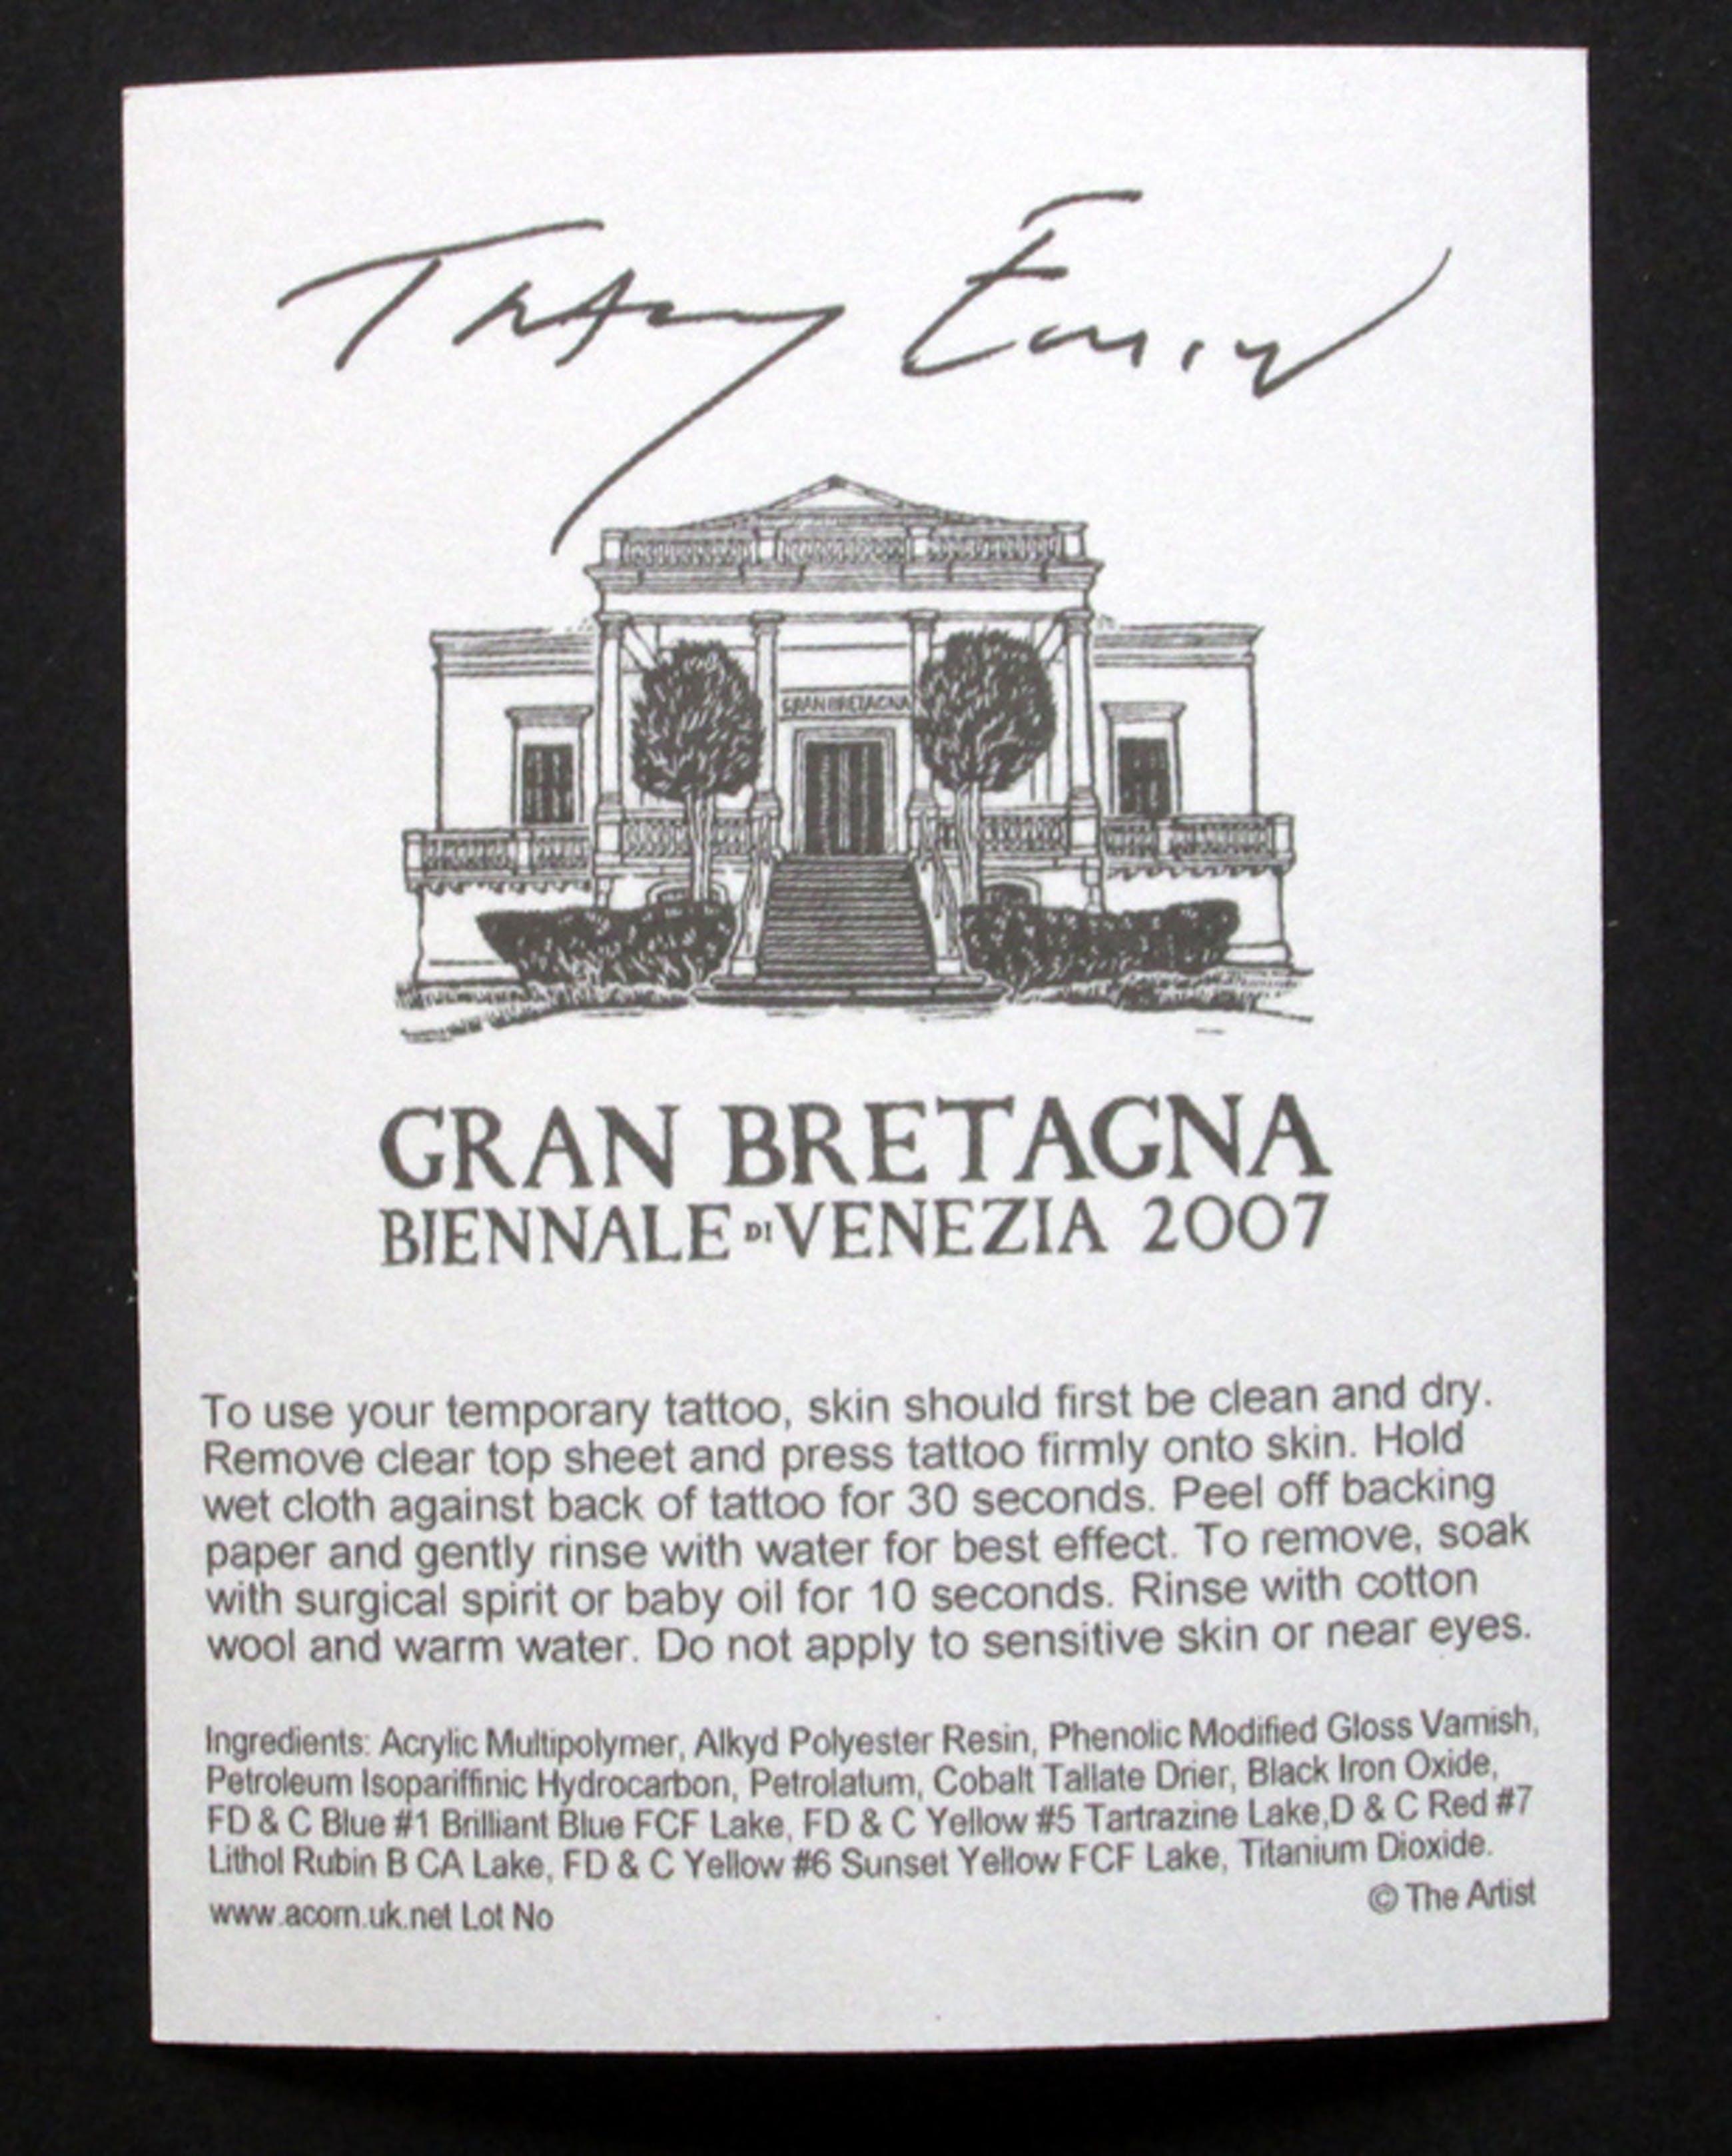 Singing bird - temporary tattoo - multiple - Biënnale in Venetië - 2007 kopen? Bied vanaf 19!